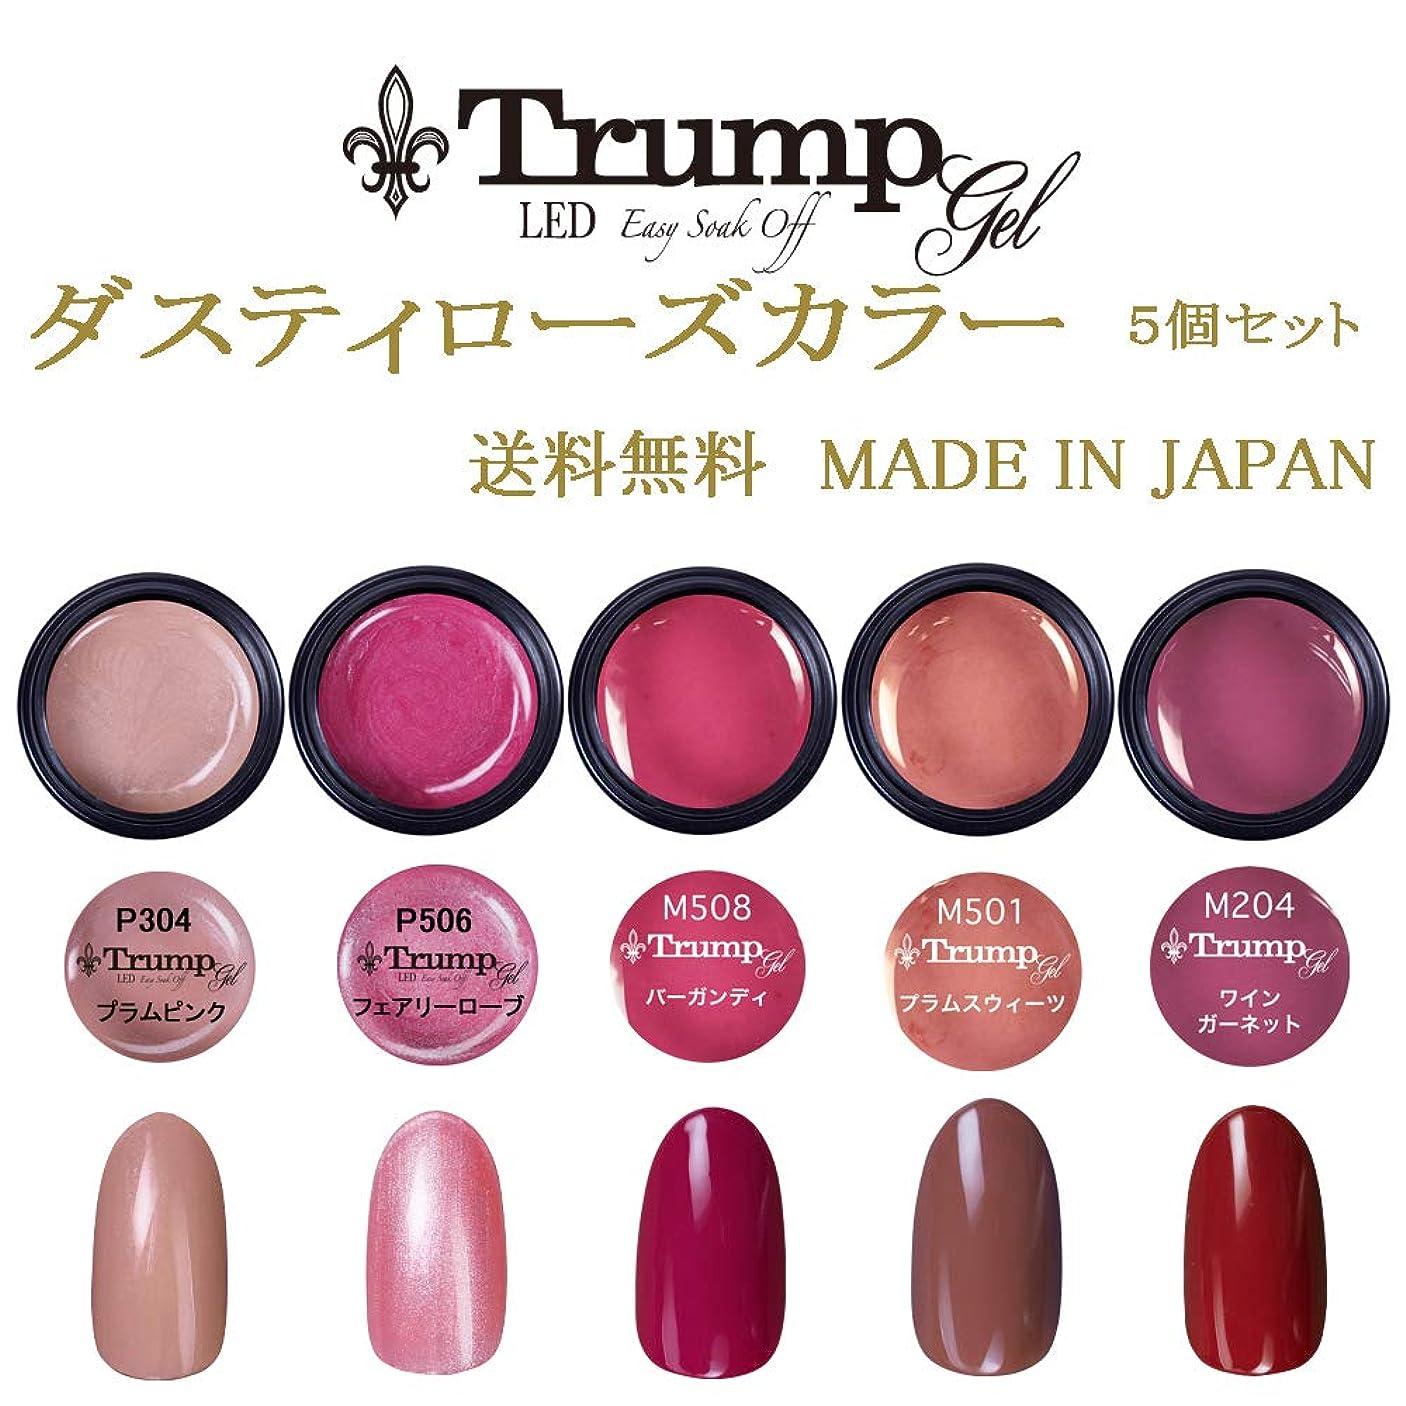 エクスタシー同封する腸【送料無料】日本製 Trump gel トランプジェル ダスティローズカラージェル 5個セット スタイリッシュでオシャレな 白べっ甲カラージェルセット